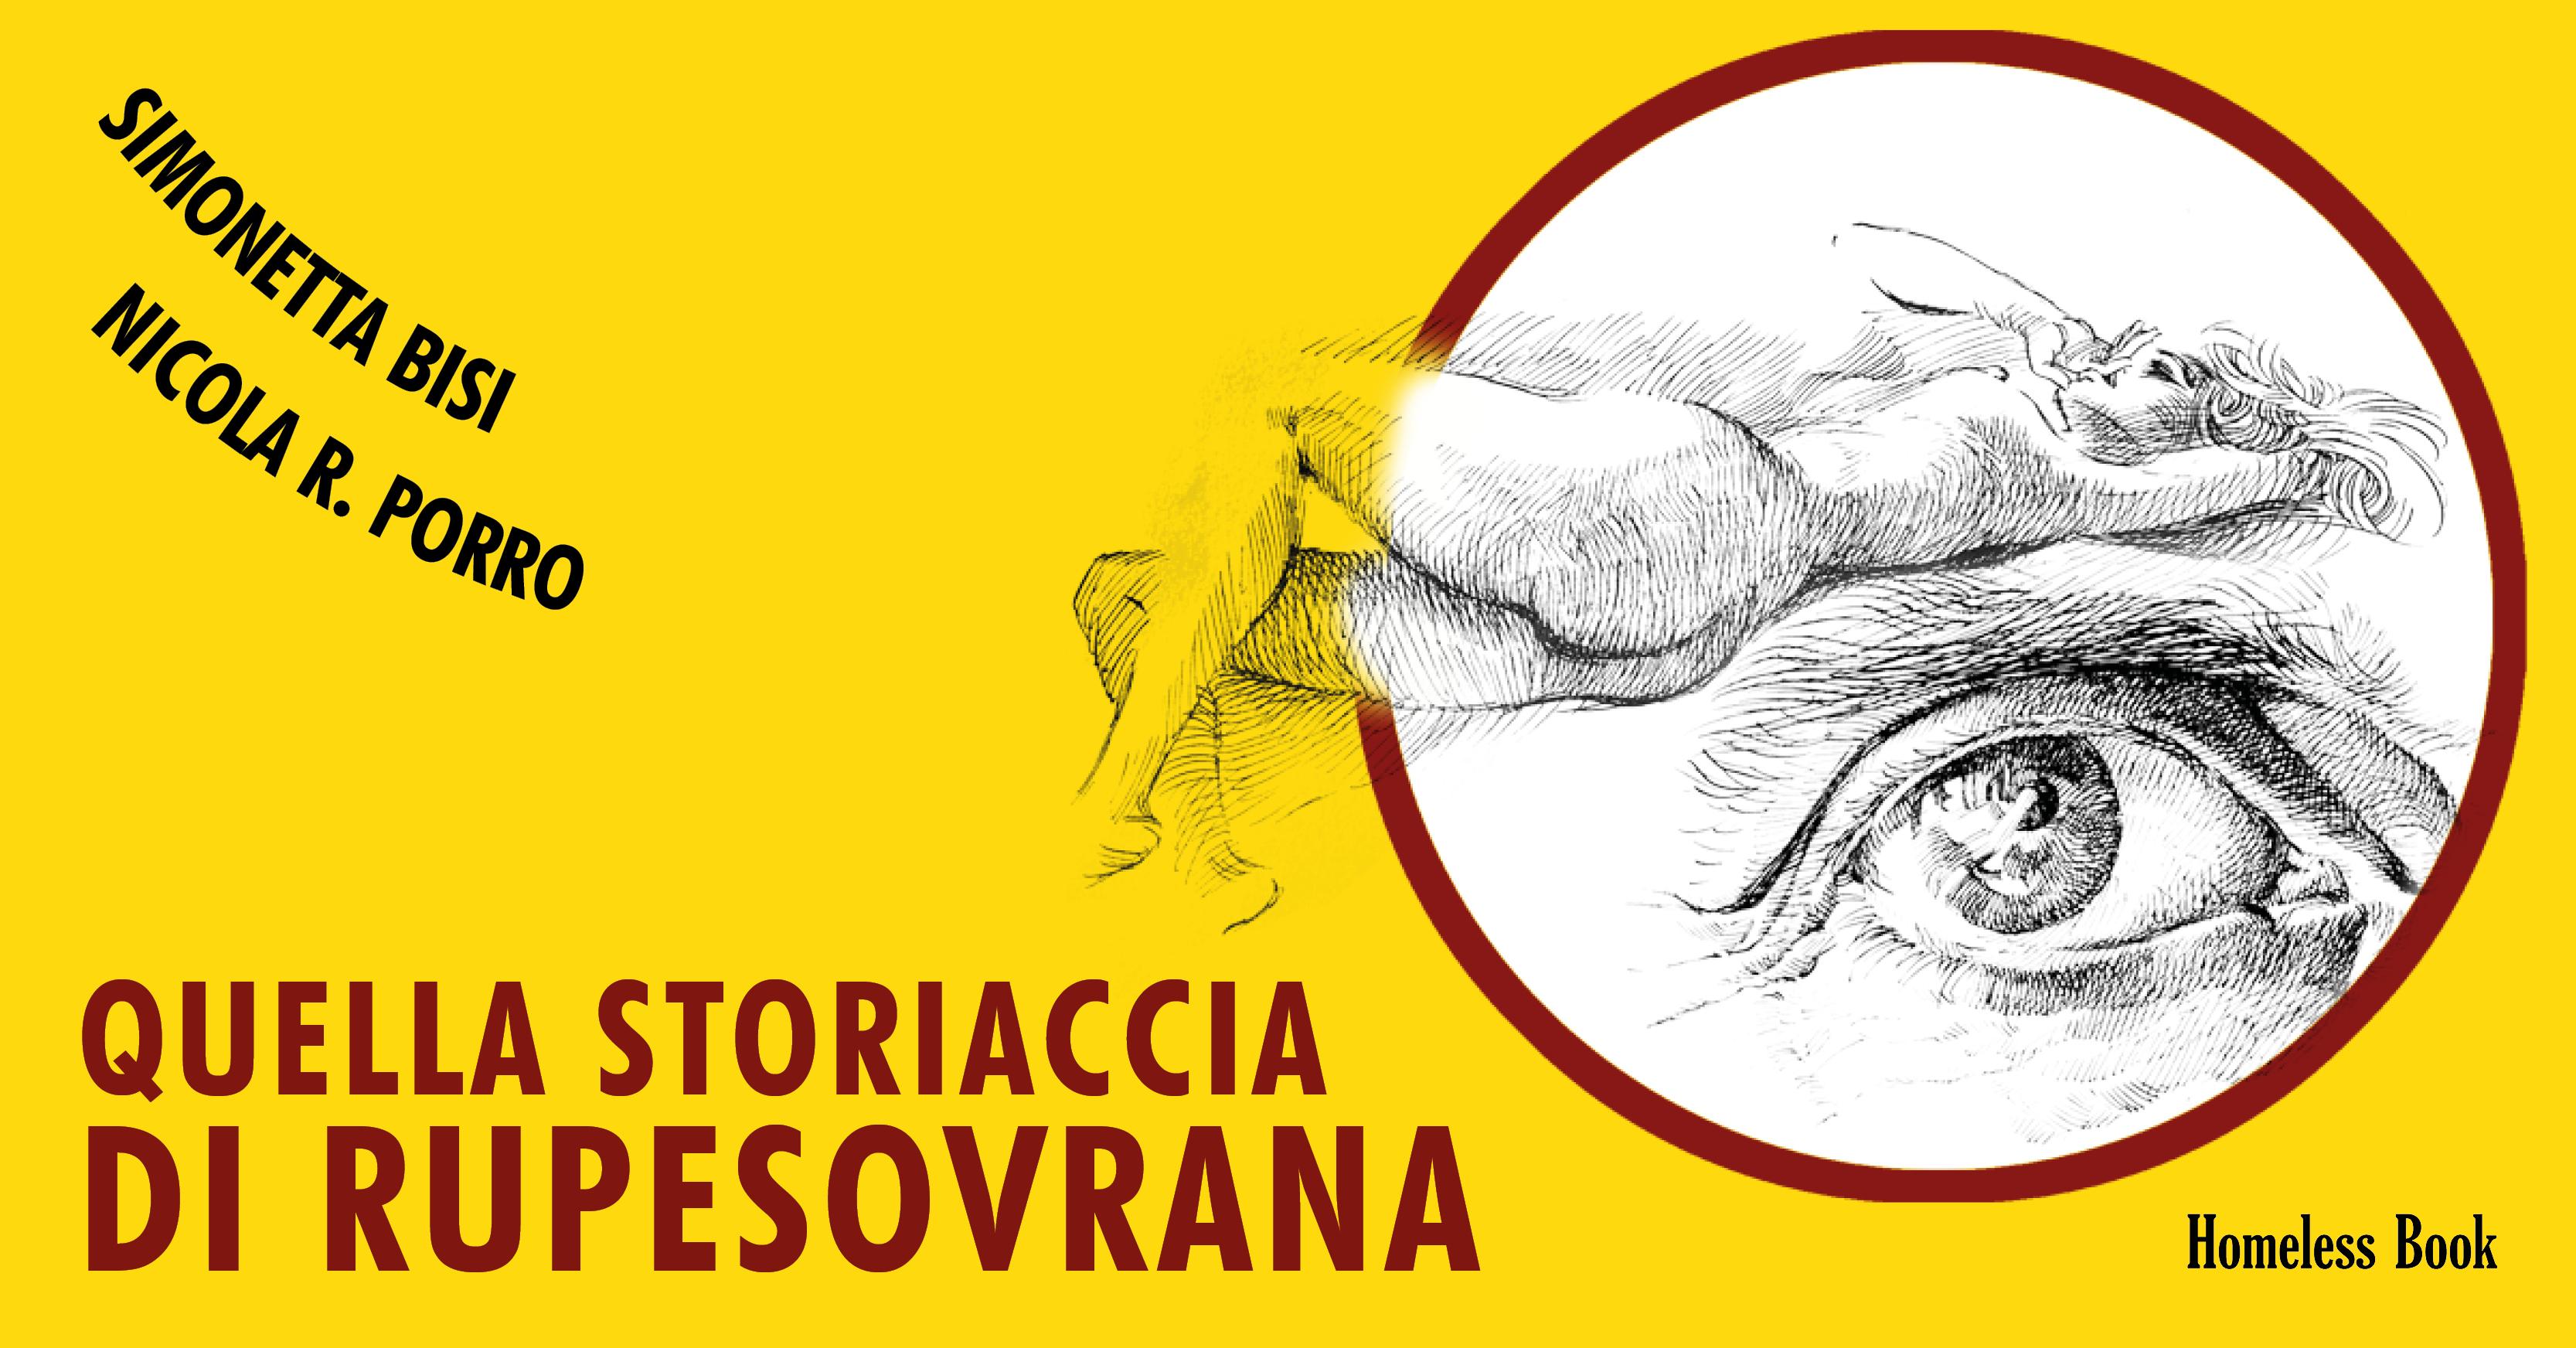 Quella storiaccia di Rupesovrana